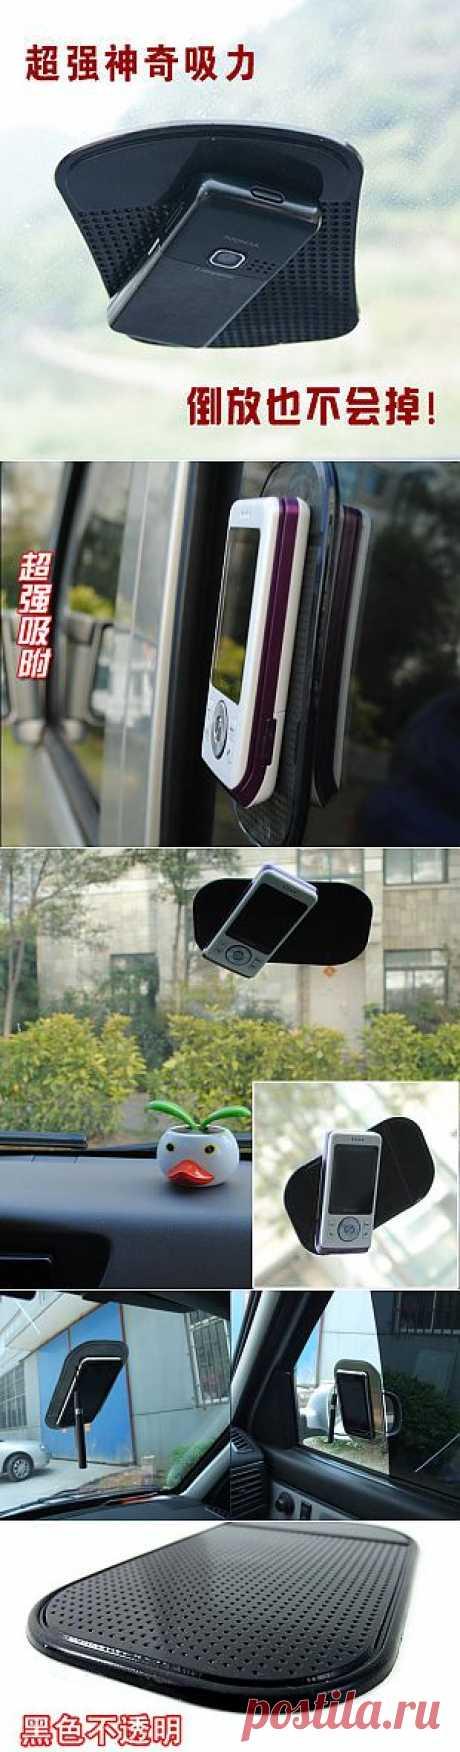 Магнитный коврик в автомобиль и не только!